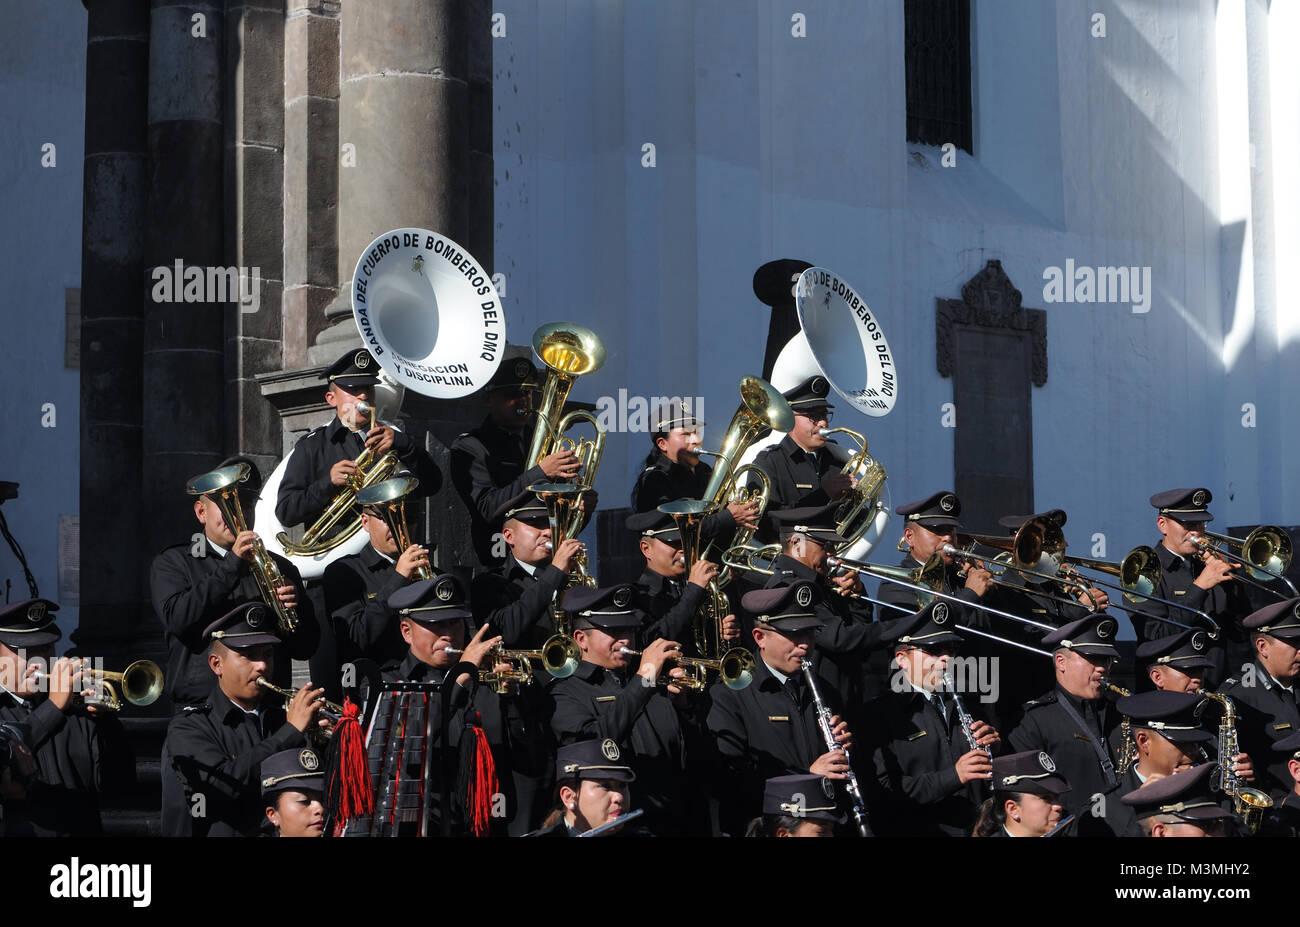 """Banda del Cuerpo de Bomberos del DMQ, banda di Quito Vigili del fuoco, con il motto """"Abnegacion y disciplina' Immagini Stock"""